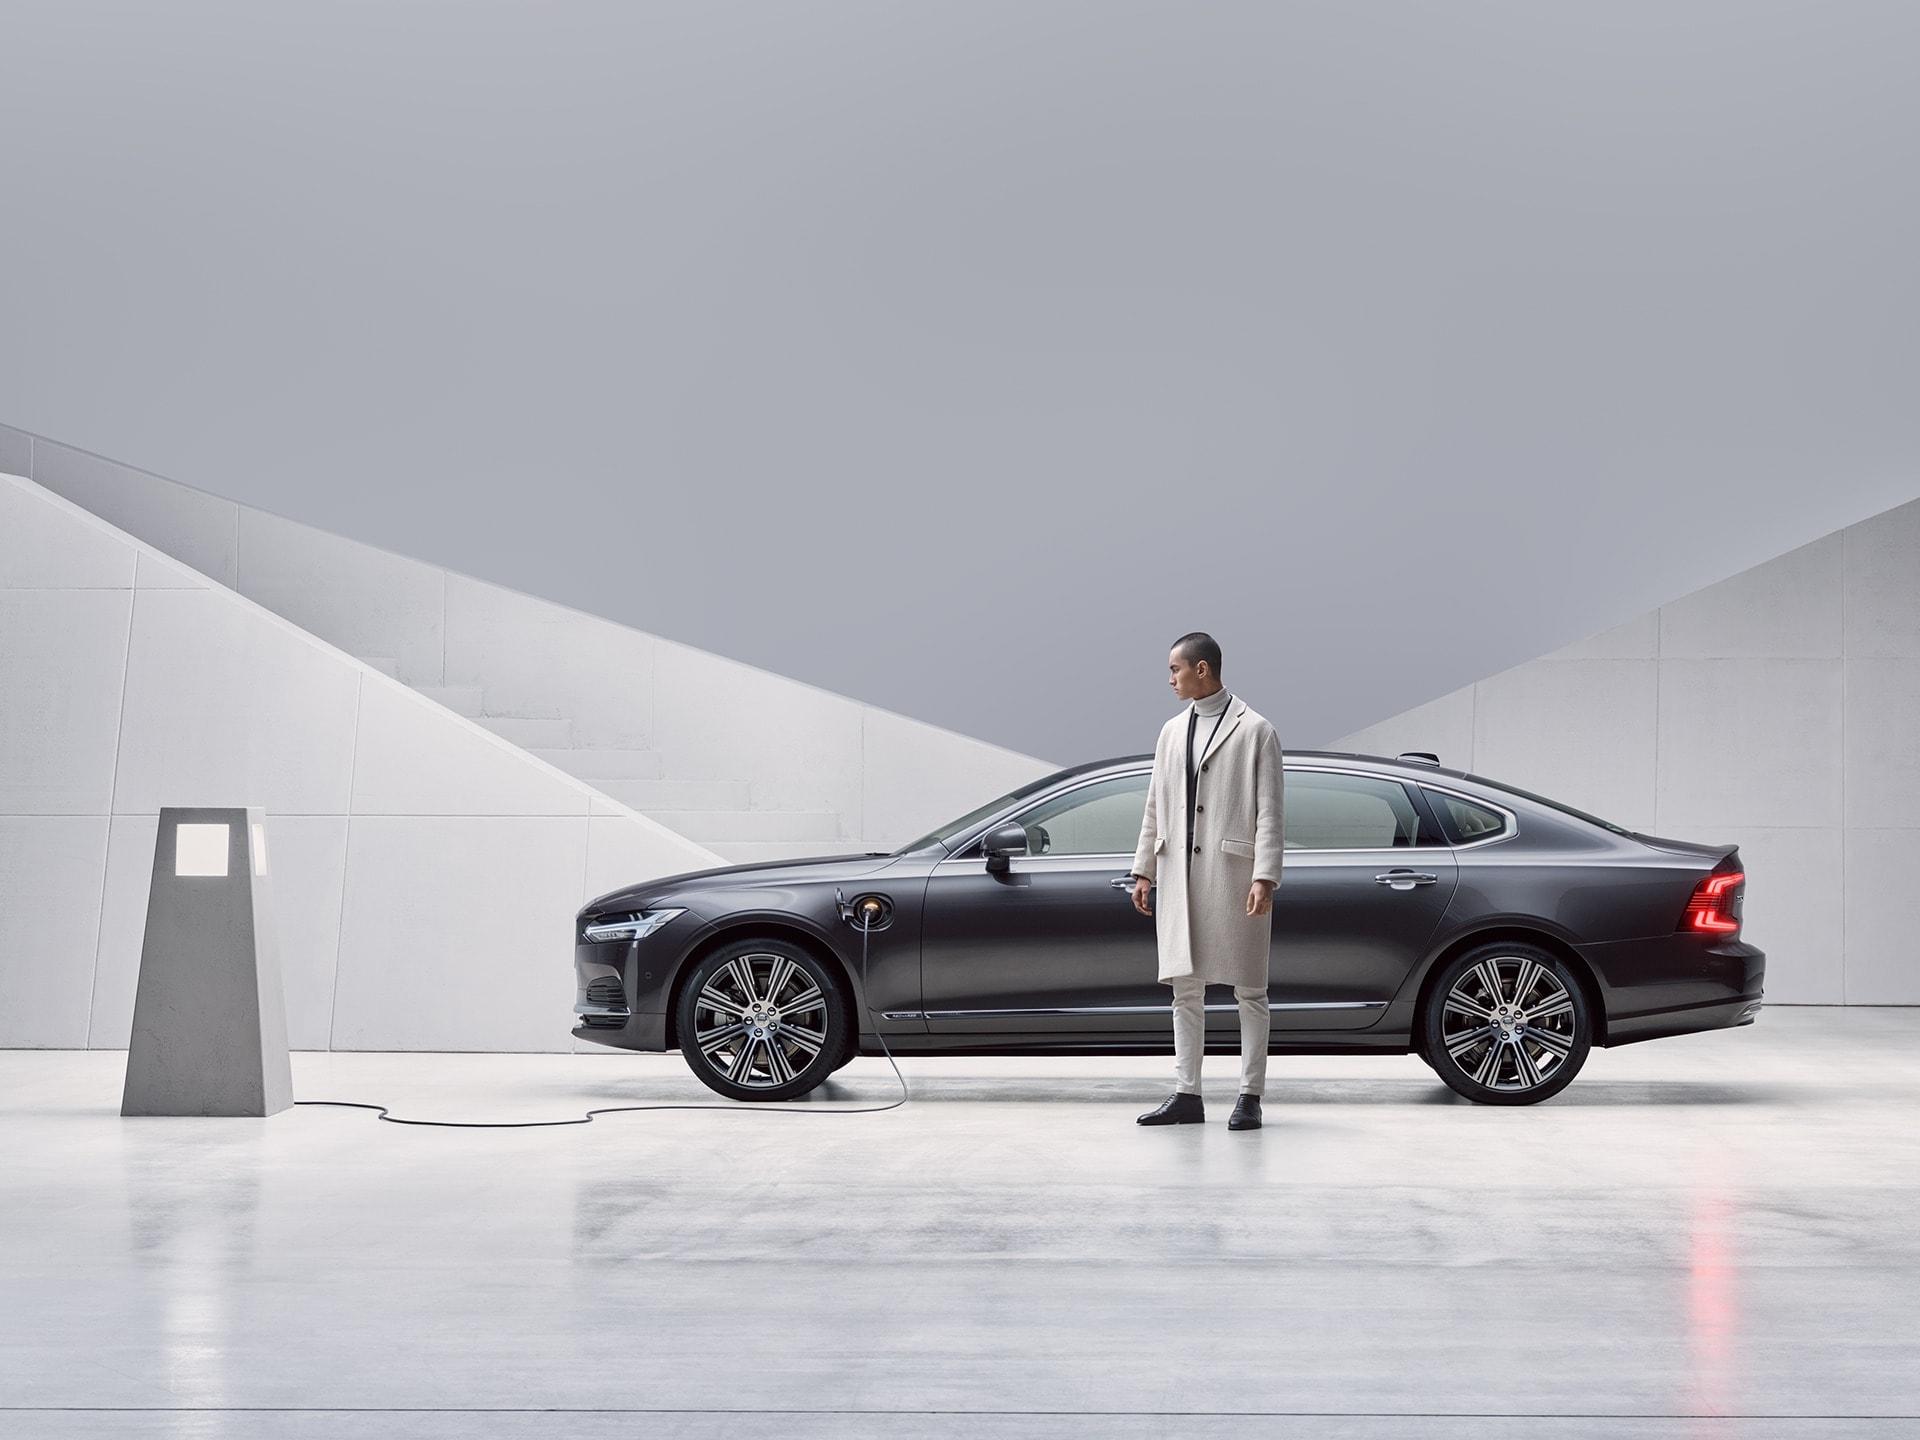 Egy férfi áll a szürke Volvo S90 Recharge gépkocsija előtt, amely éppen tölt.